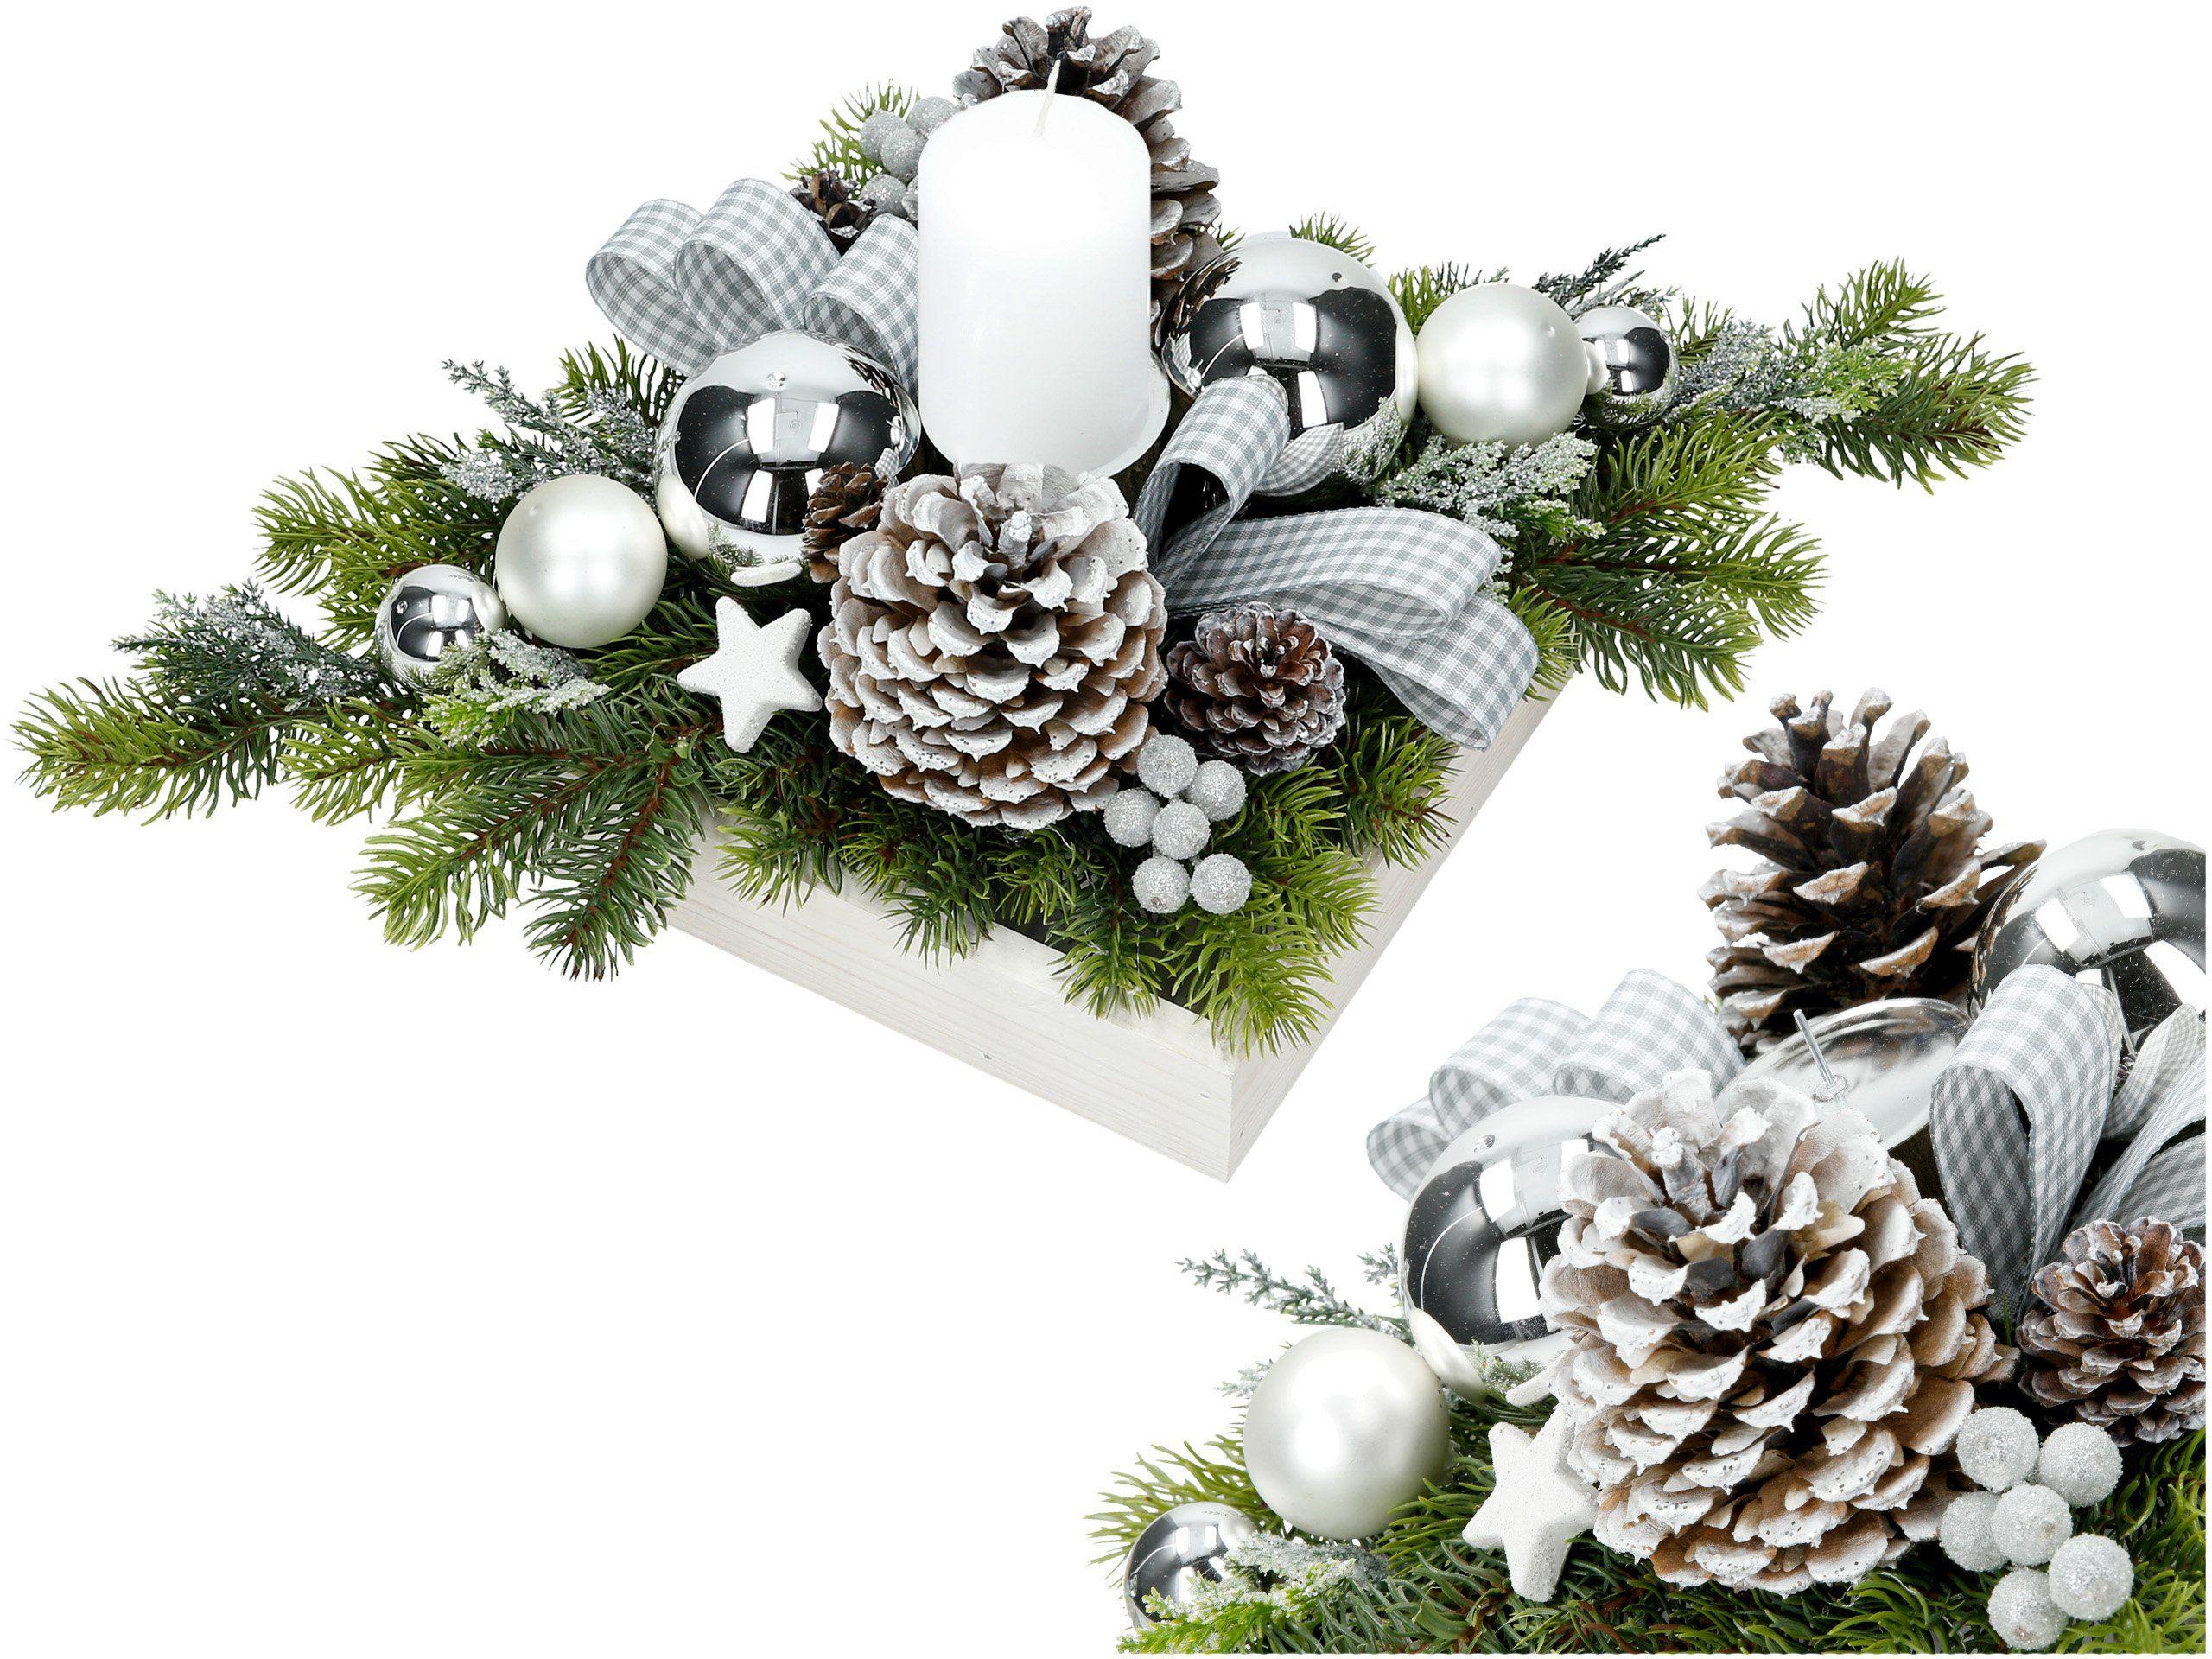 Stroik Bozonarodzeniowy Swiateczny 50cm Na Stol S4 7038894323 Oficjalne Archiwum Allegro Diy Xmas Gifts Christmas Wreaths Christmas Time